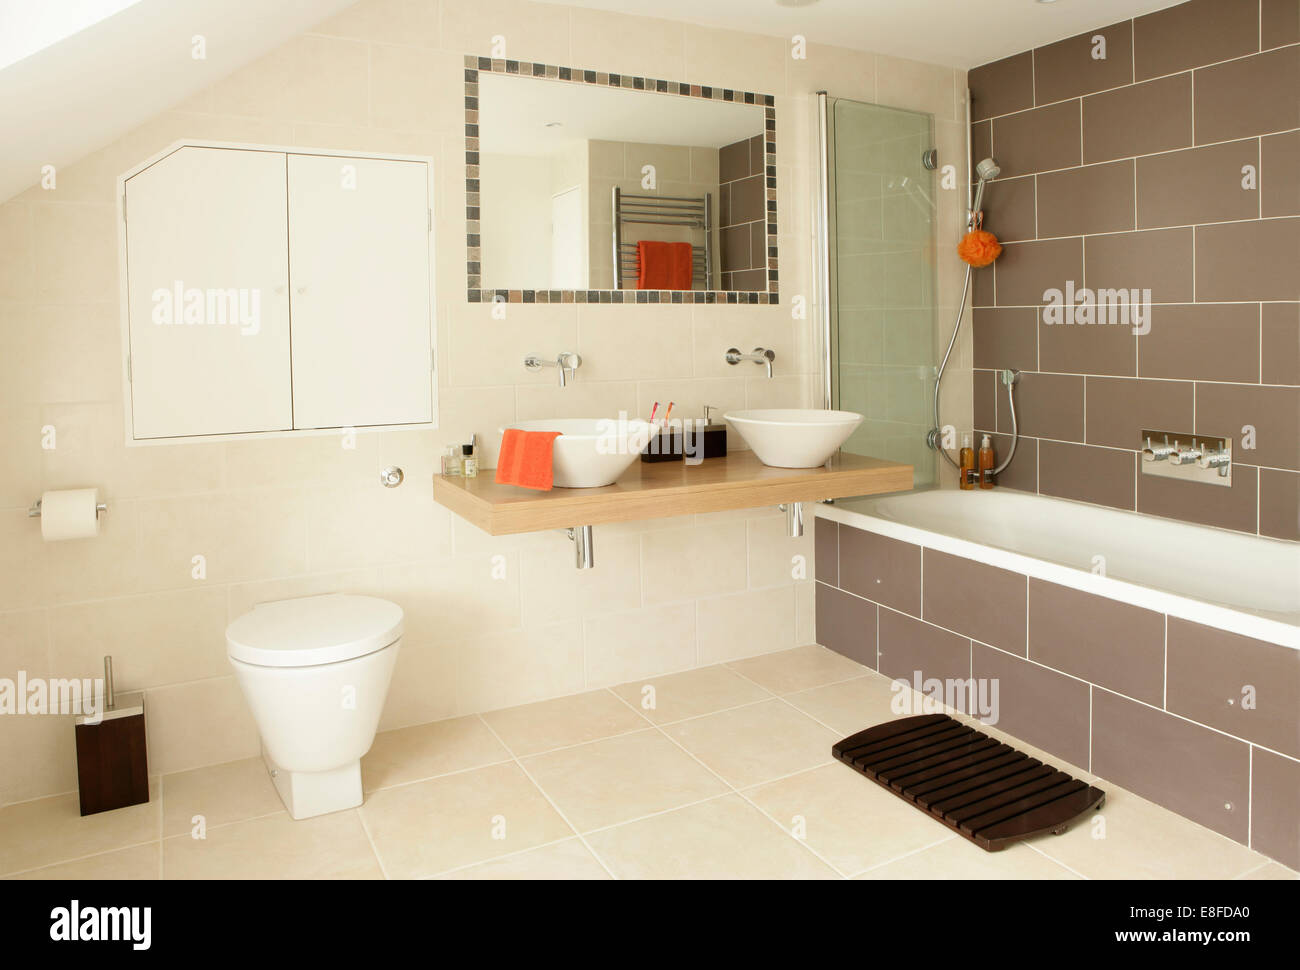 Tiled-framed mirror above white bowl basins on wooden vanity shelf ...